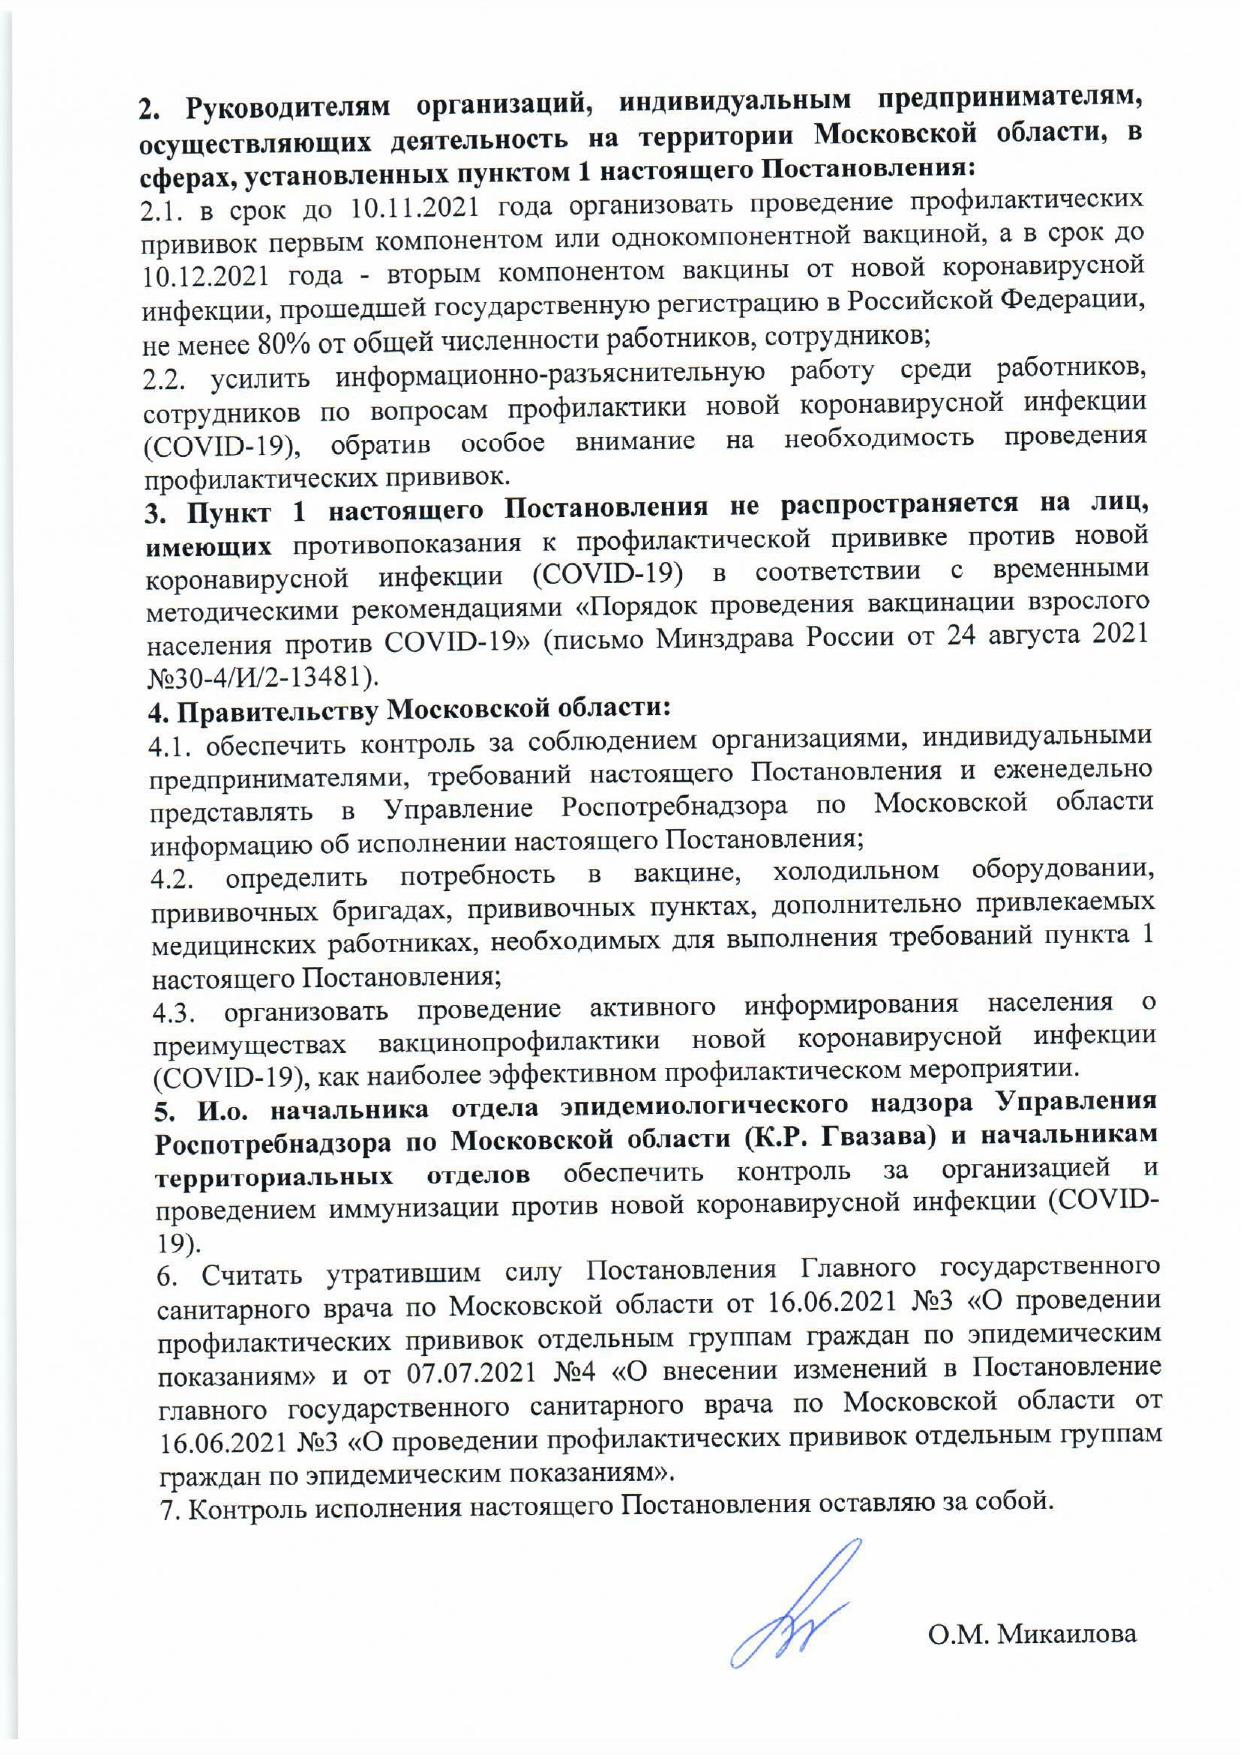 Постановление об обязательной вакцинации в Московской области (МО) № 6 от 11 октября 2021 года (11.10.2021) 3